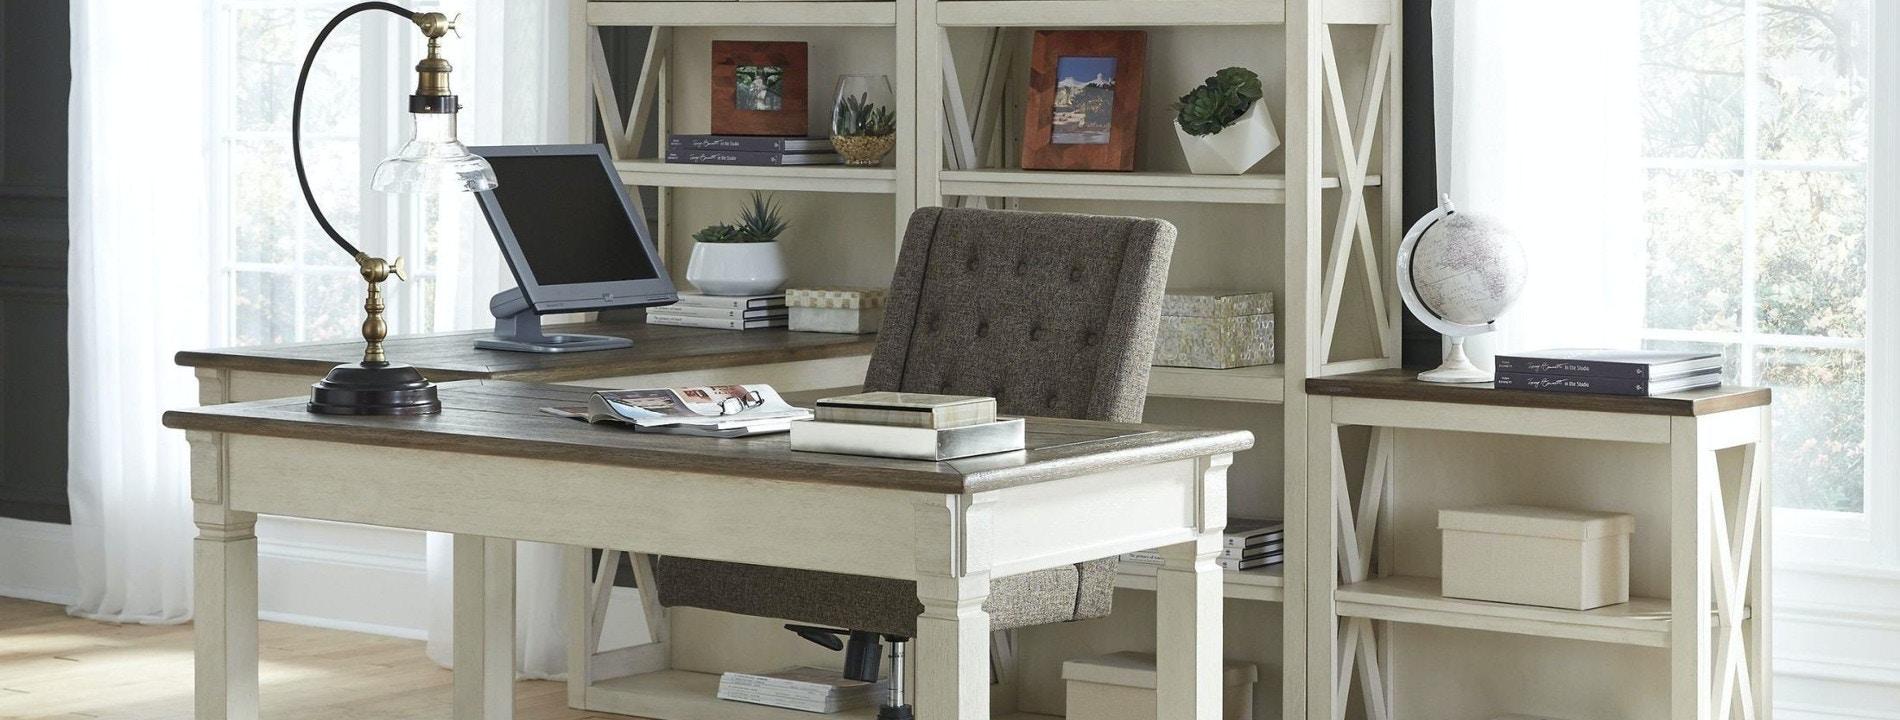 Furniture In Lawton Ok Darby S